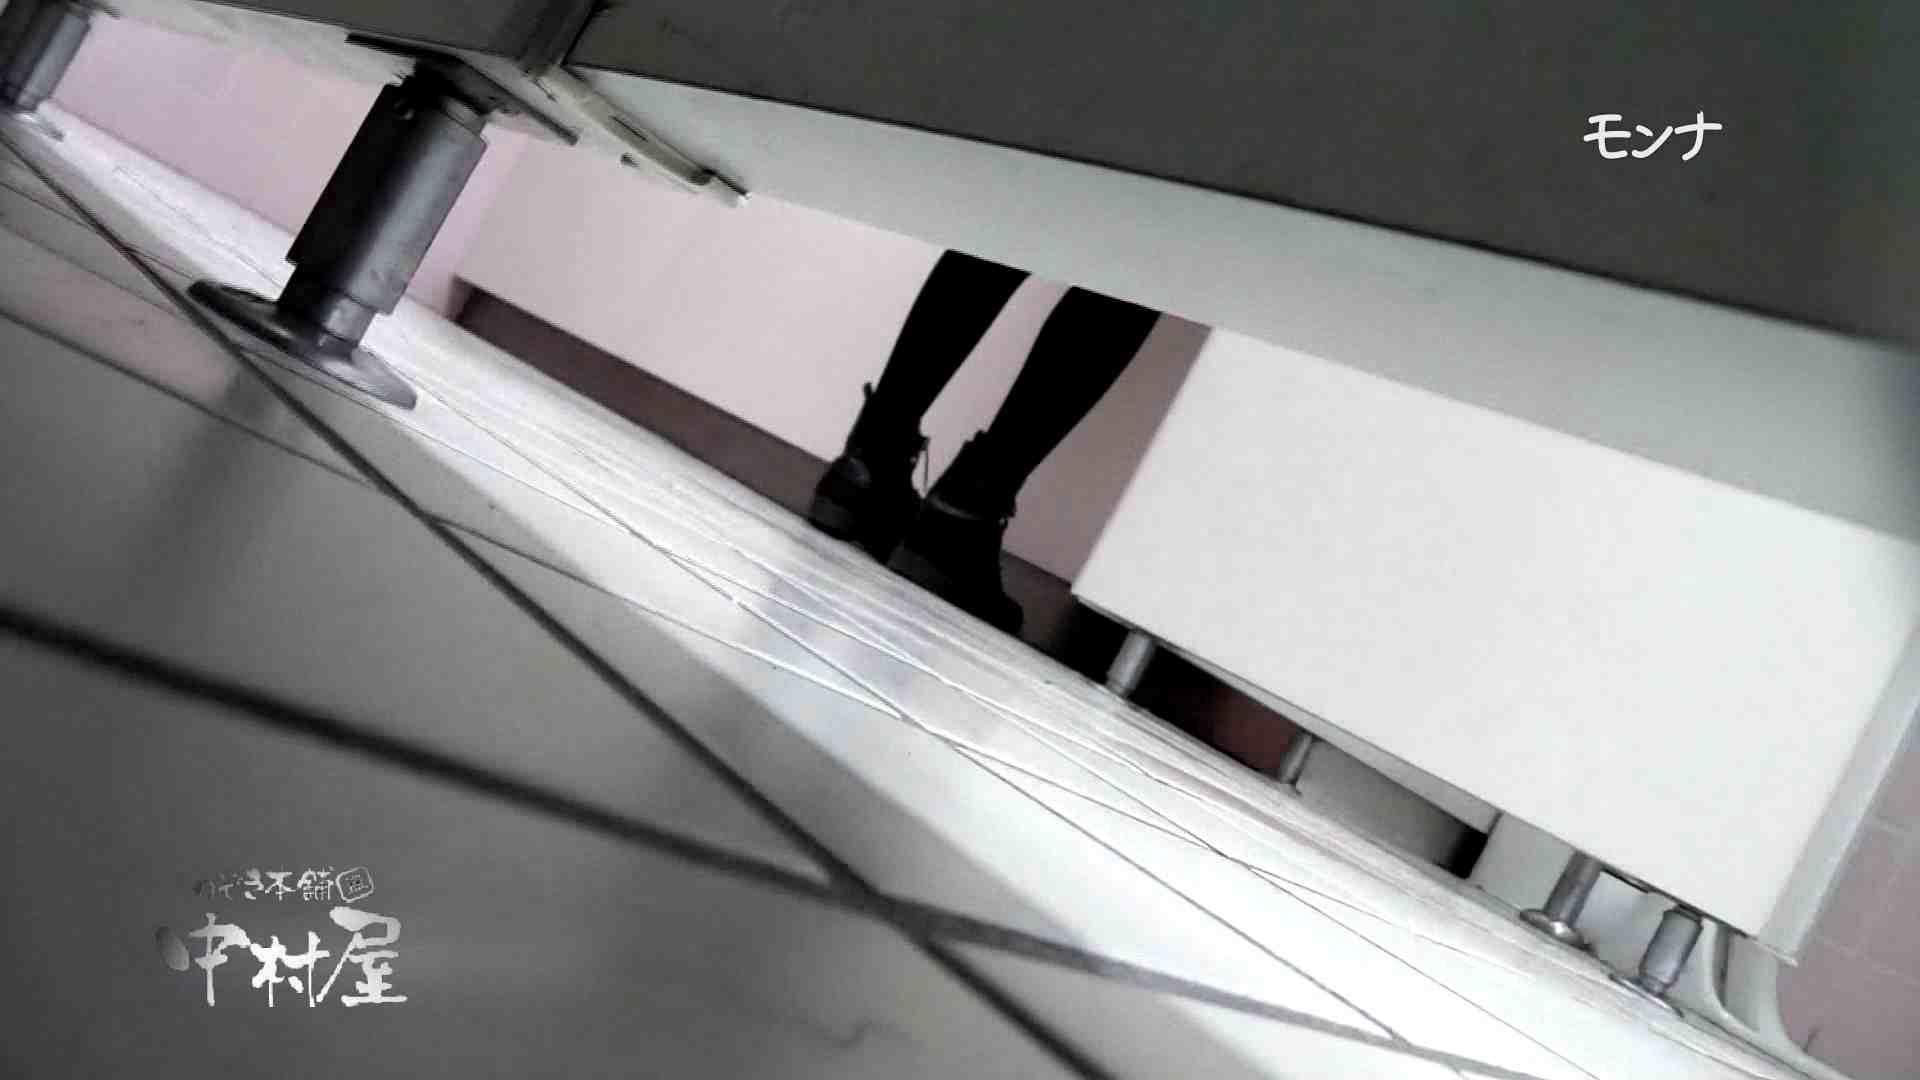 【美しい日本の未来】新学期!!下半身中心に攻めてます美女可愛い女子悪戯盗satuトイレ後編 トイレ われめAV動画紹介 100PIX 54